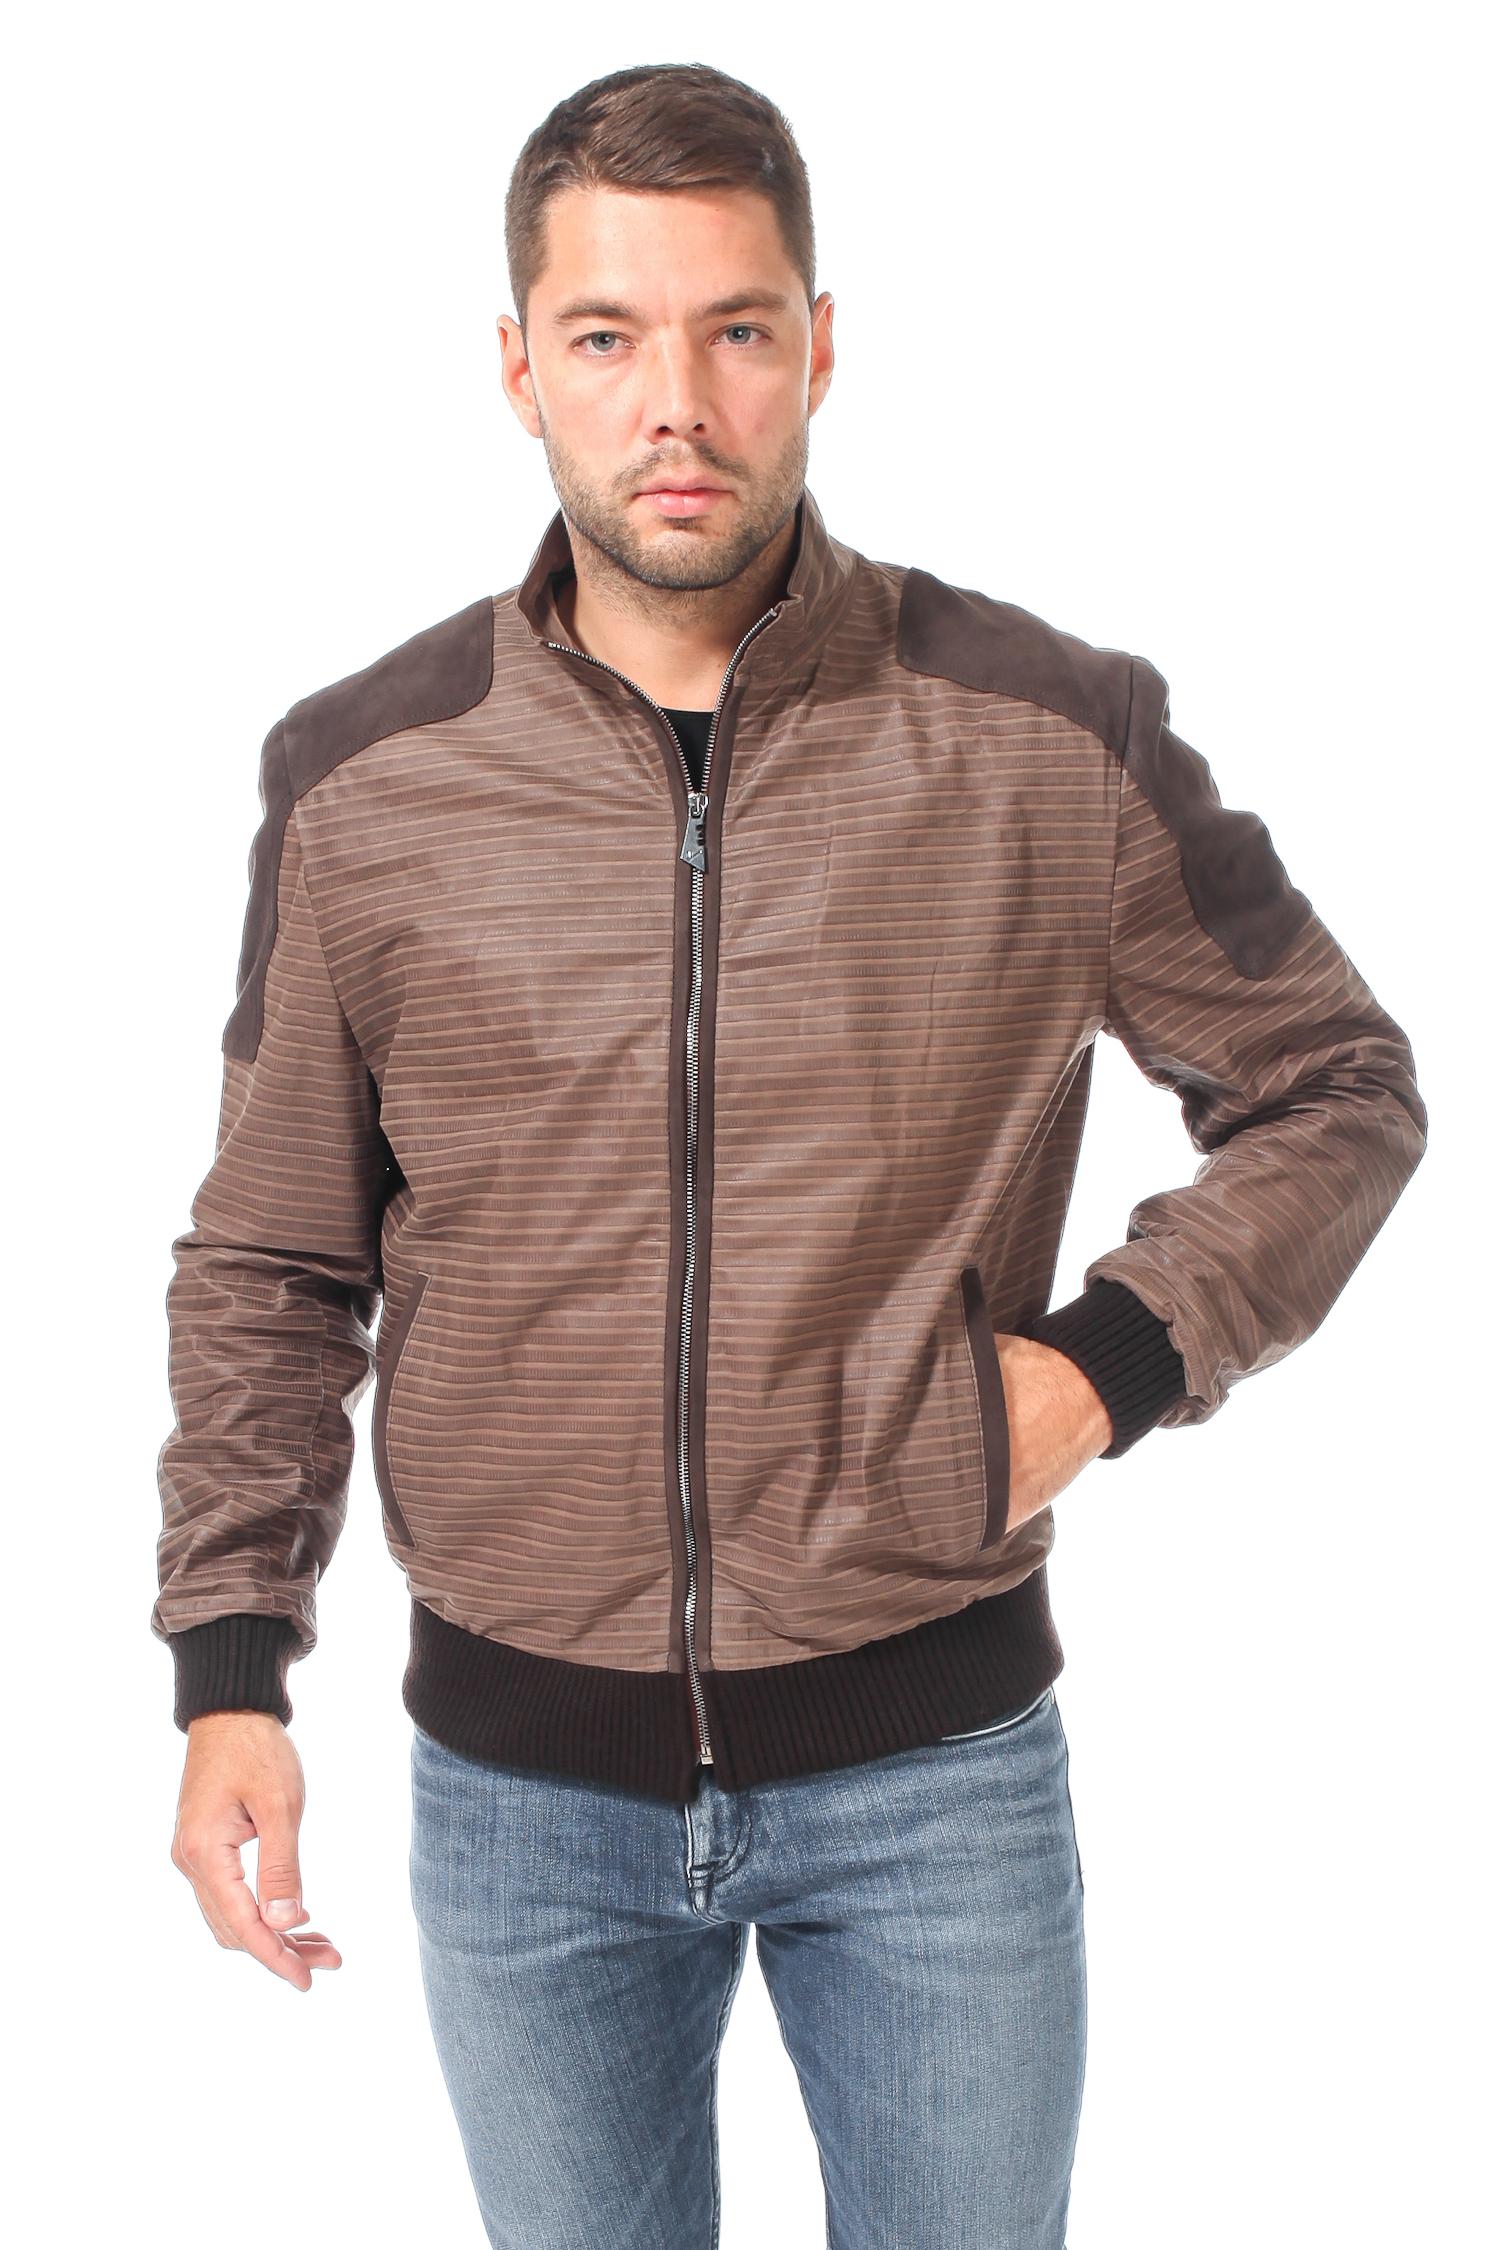 Мужская кожаная куртка из натуральной кожи с воротником, без отделки<br><br>Воротник: Стойка<br>Длина см: 70<br>Материал: Кожа<br>Цвет: Бежевый<br>Пол: Мужской